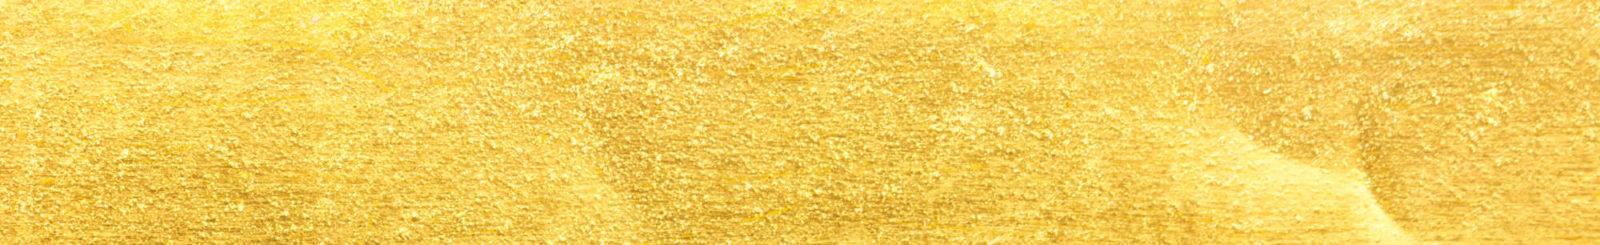 HEV gold bg